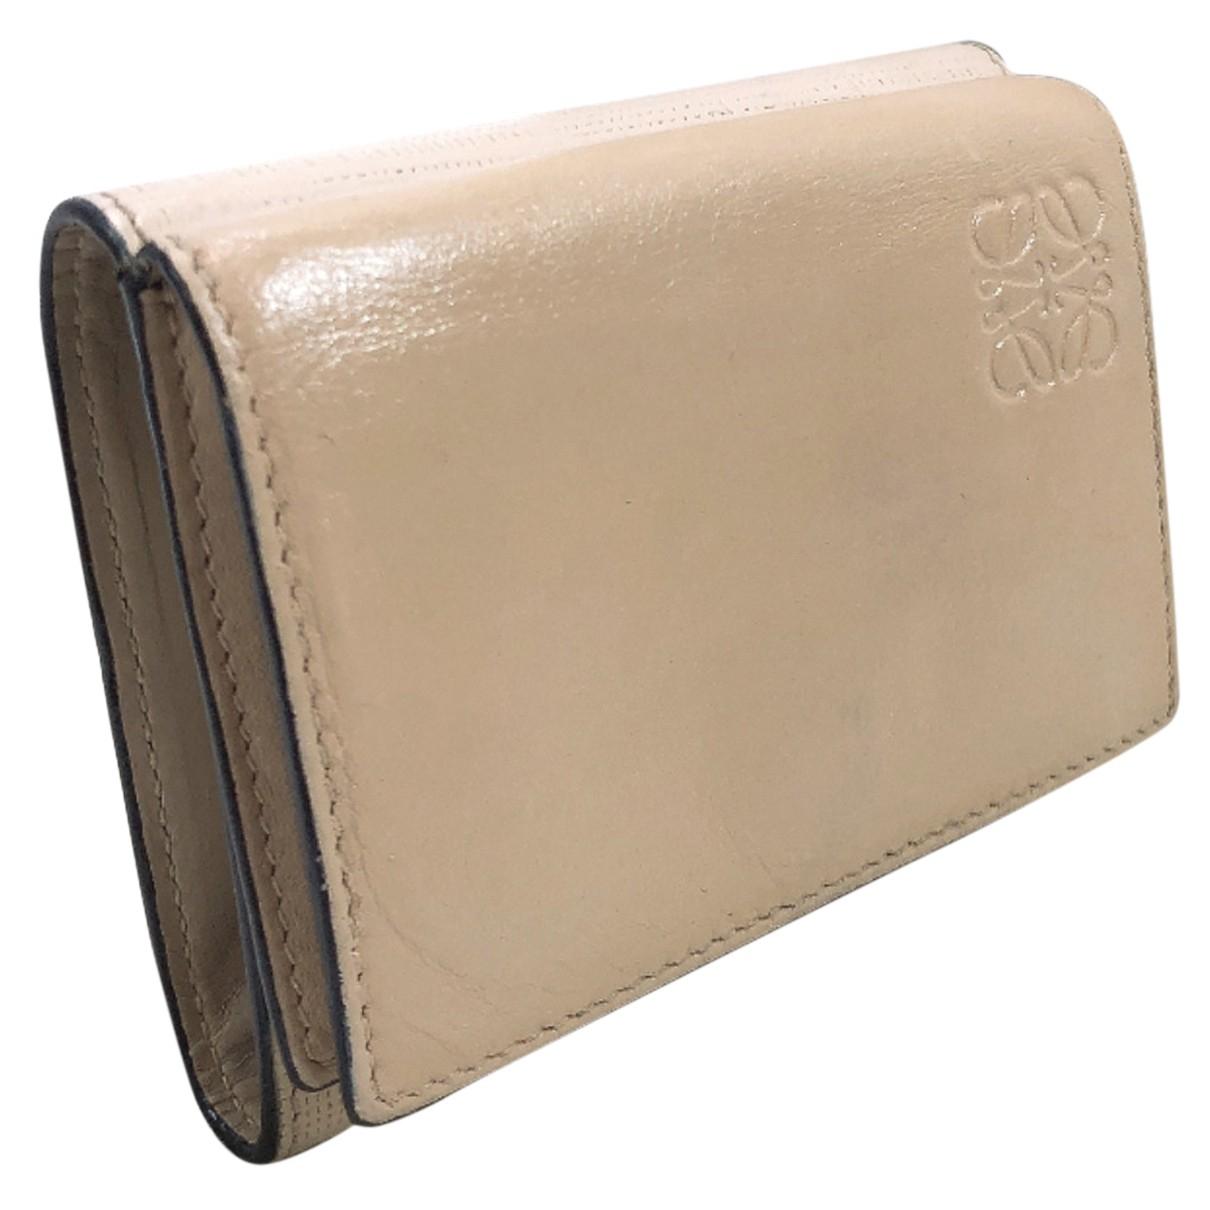 Loewe N Beige Leather wallet for Women N